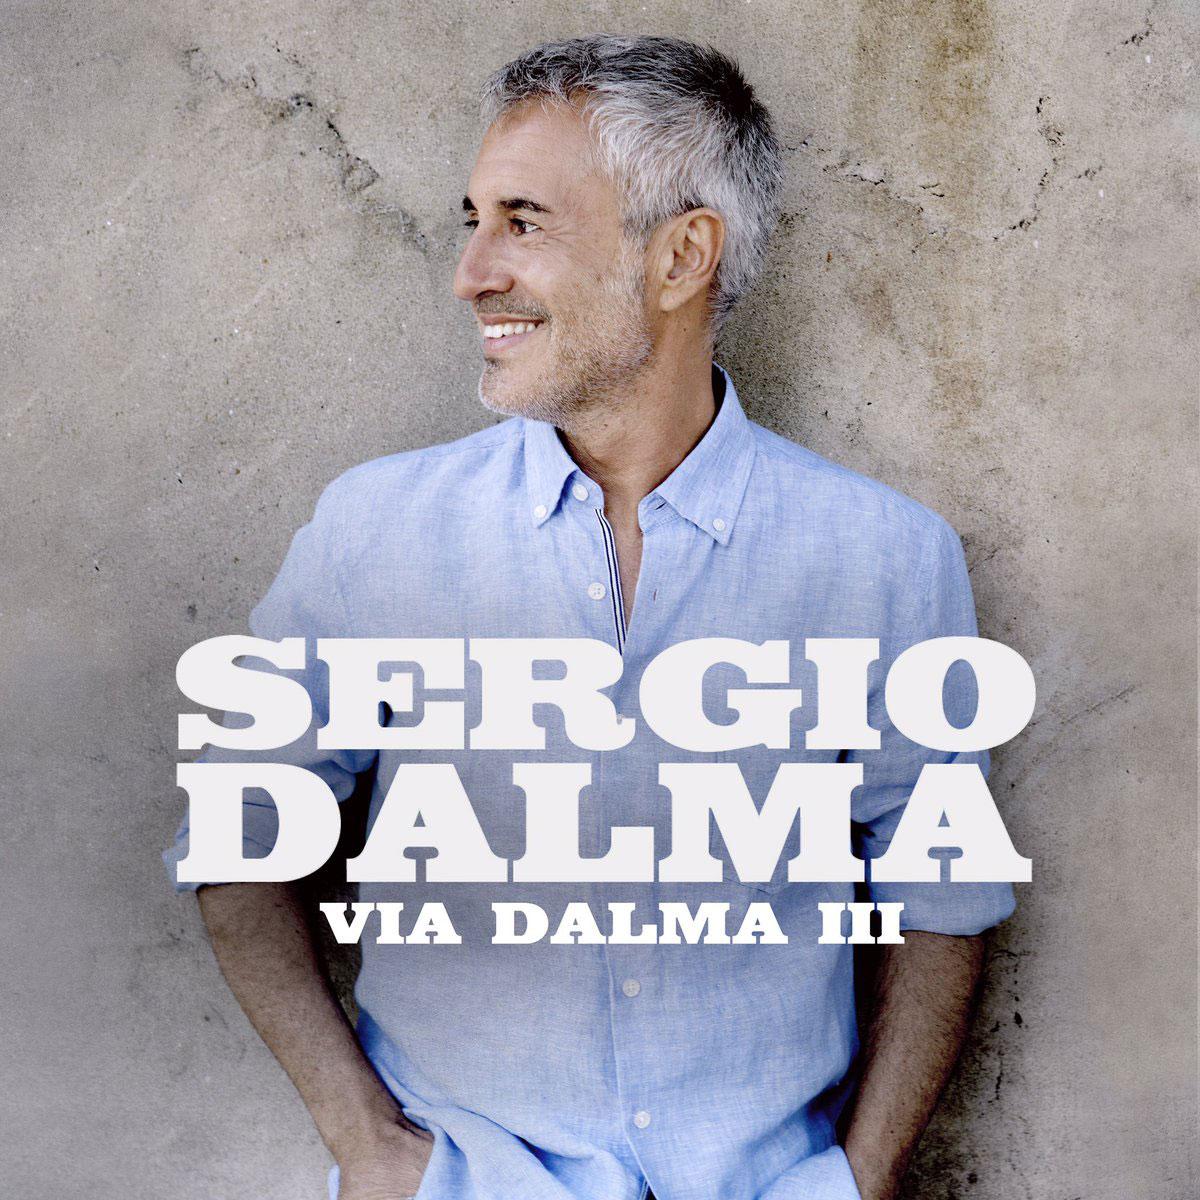 Vía Dalma III